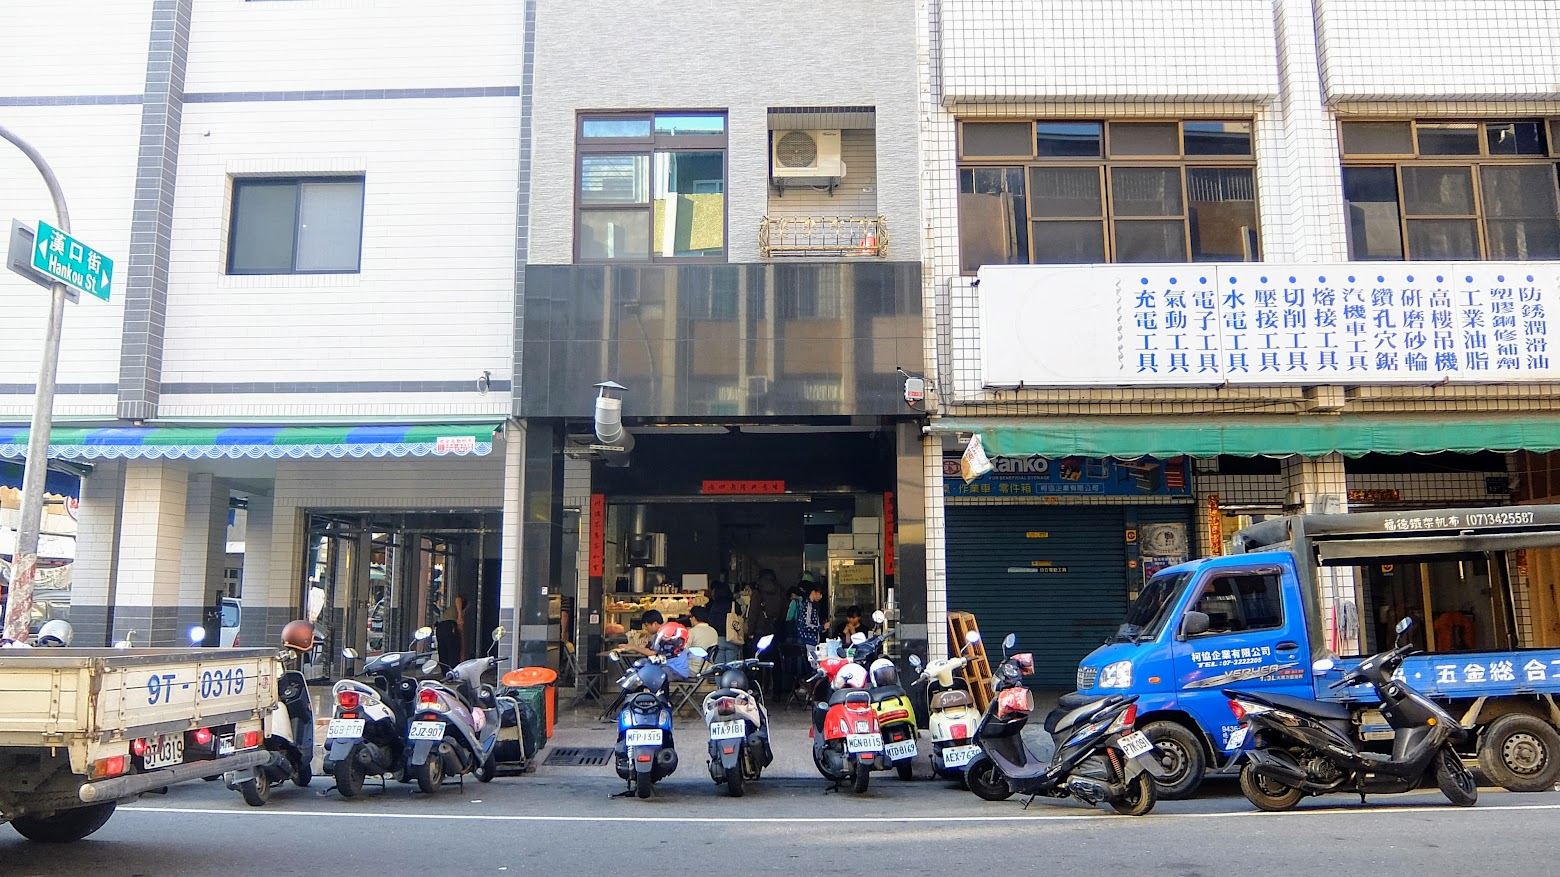 萬川早餐店,沒有招牌,沒有招牌喔! 反正看到人很多,就沒錯